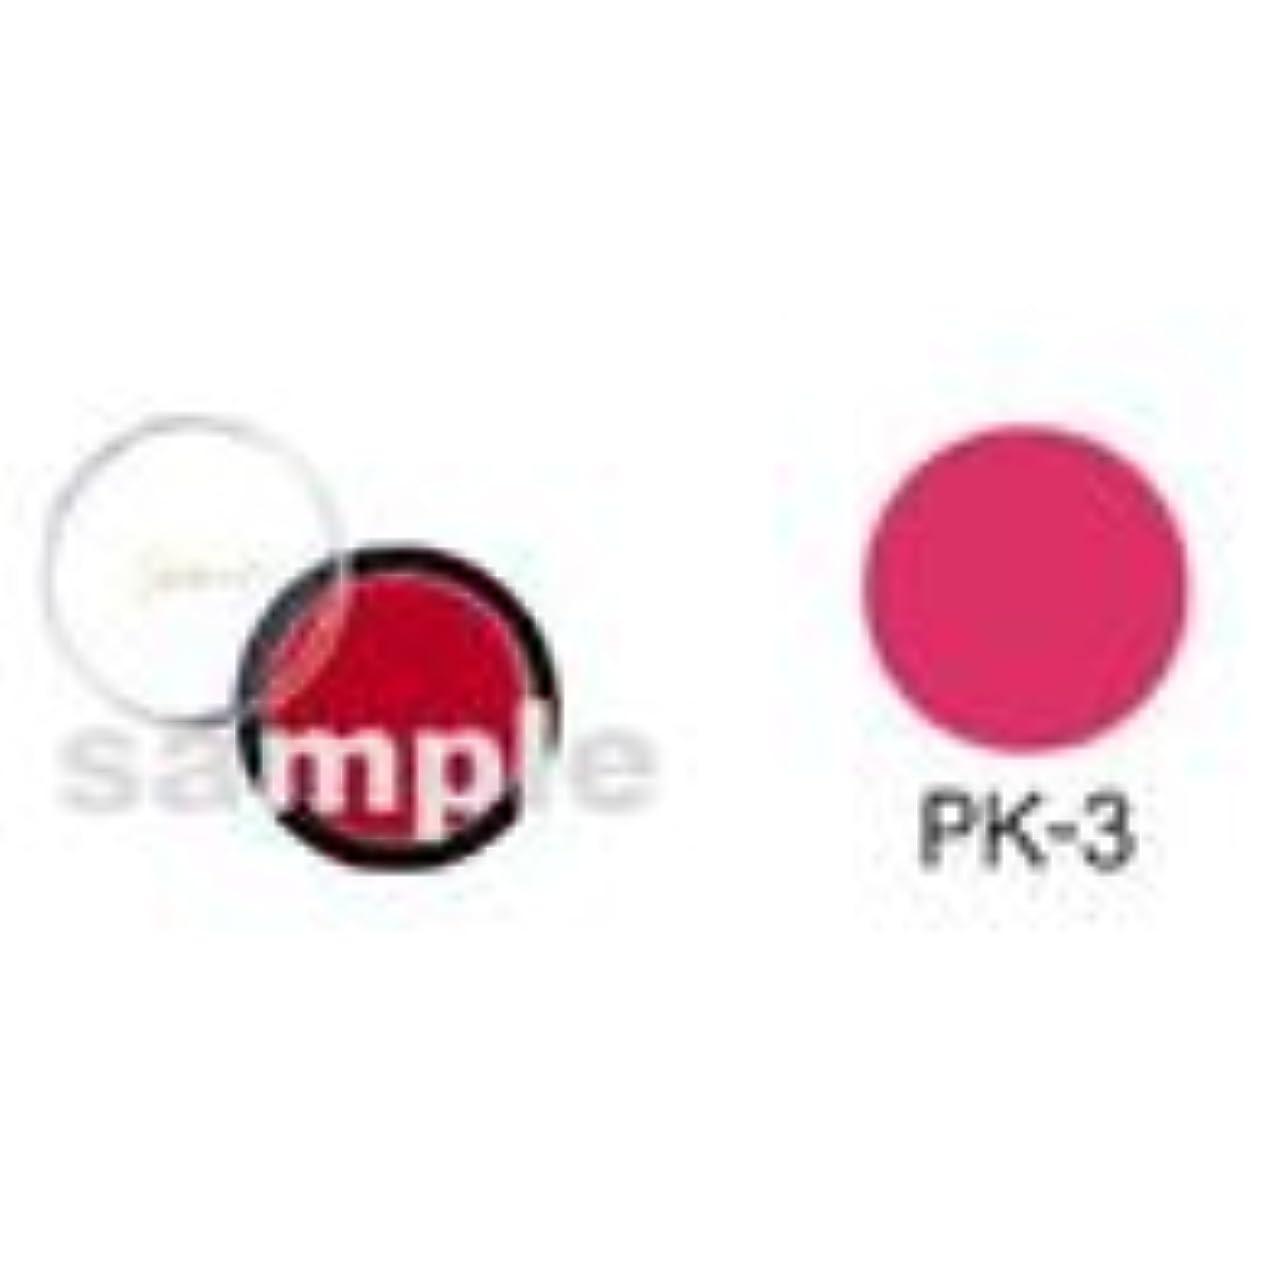 交じる干渉絡まるシャレナ カラーリップ PK-3